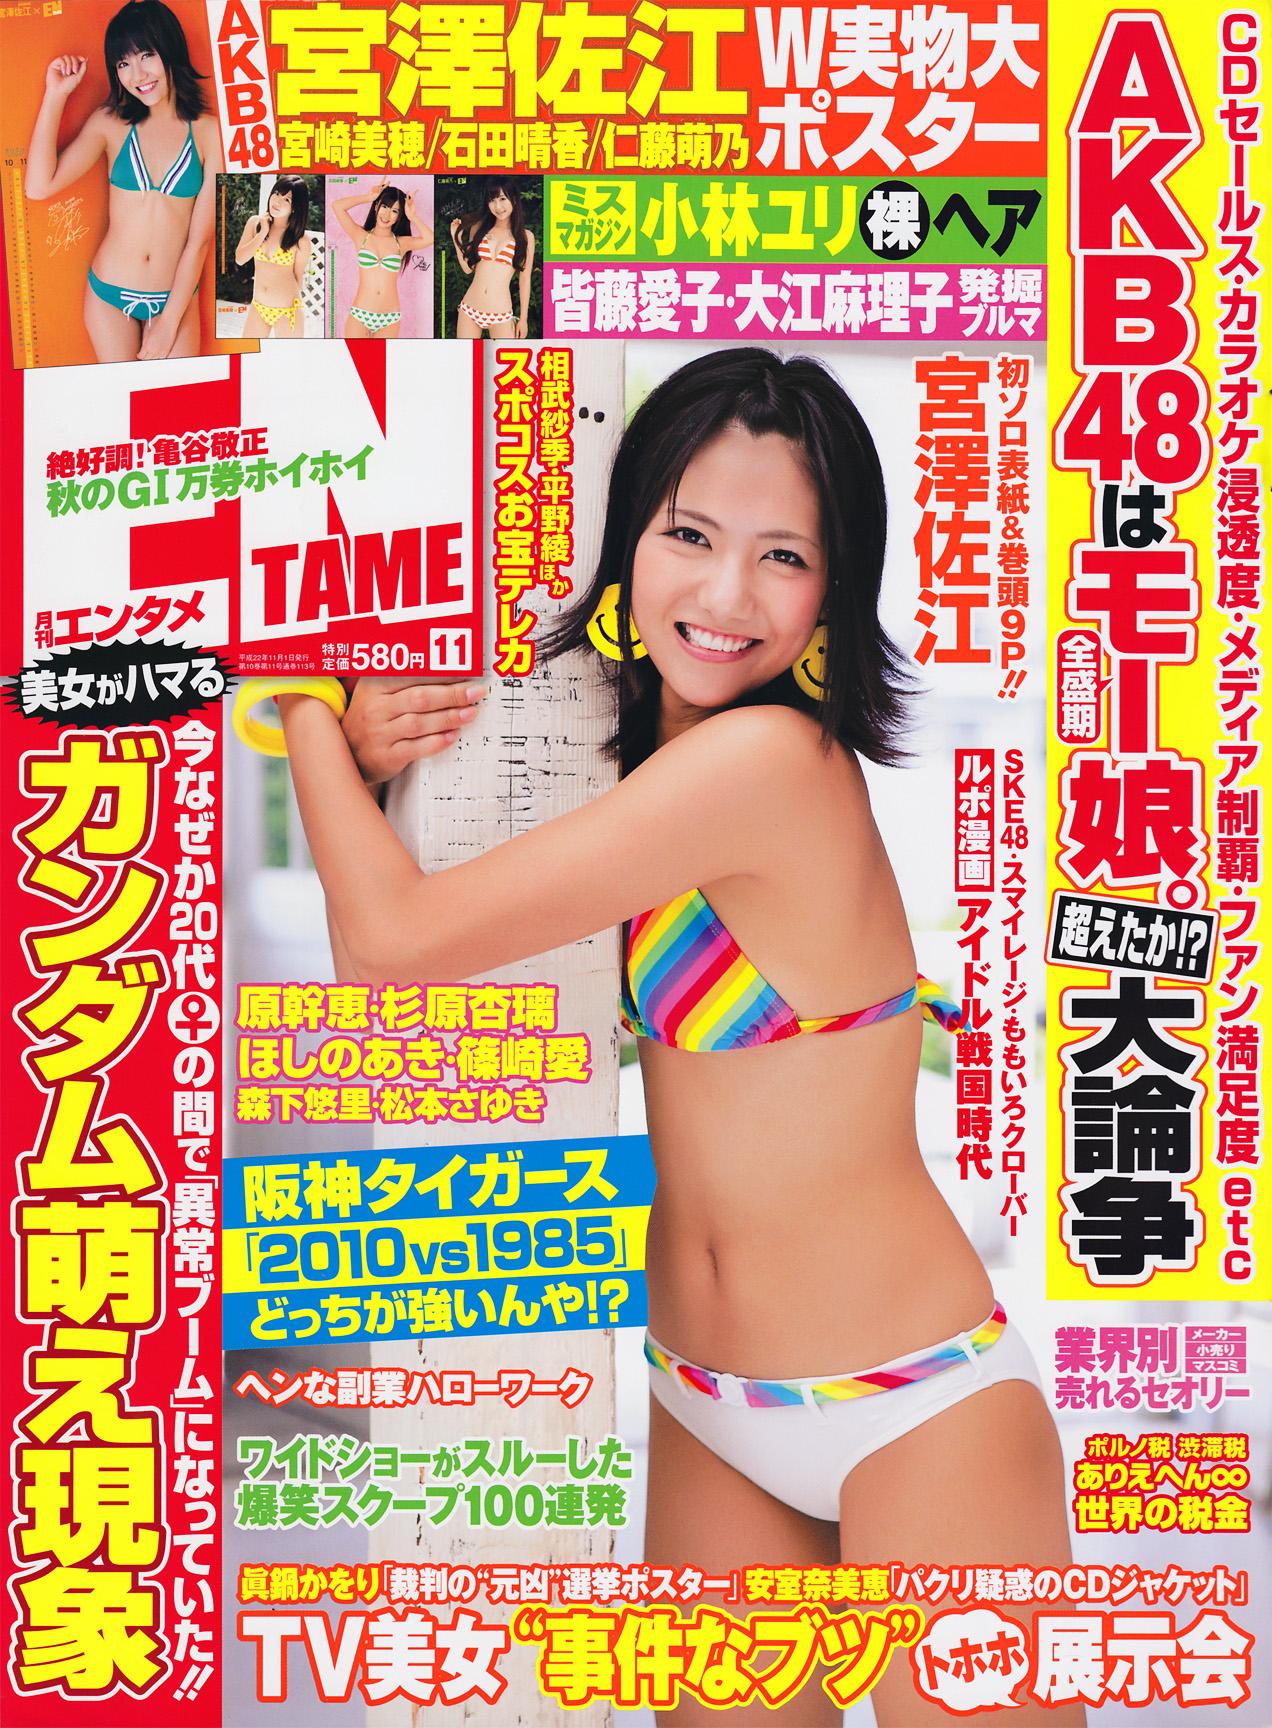 [EN TAME] 2010.11 Sae Miyazawa 宮澤佐江 [42P31MB]